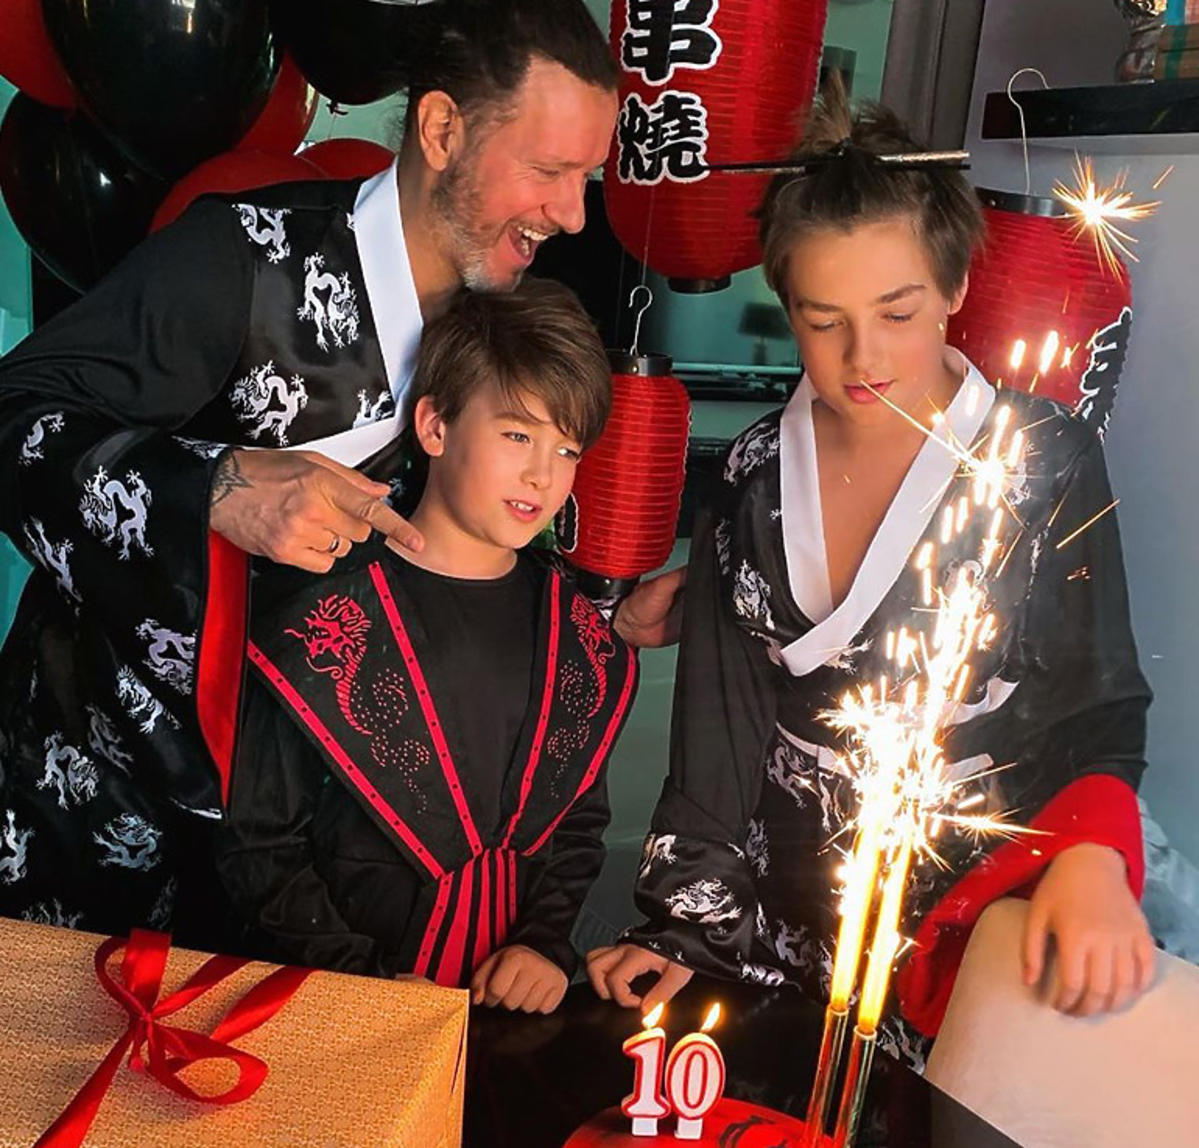 Rodzina Małgosi Rozenek w kimonach